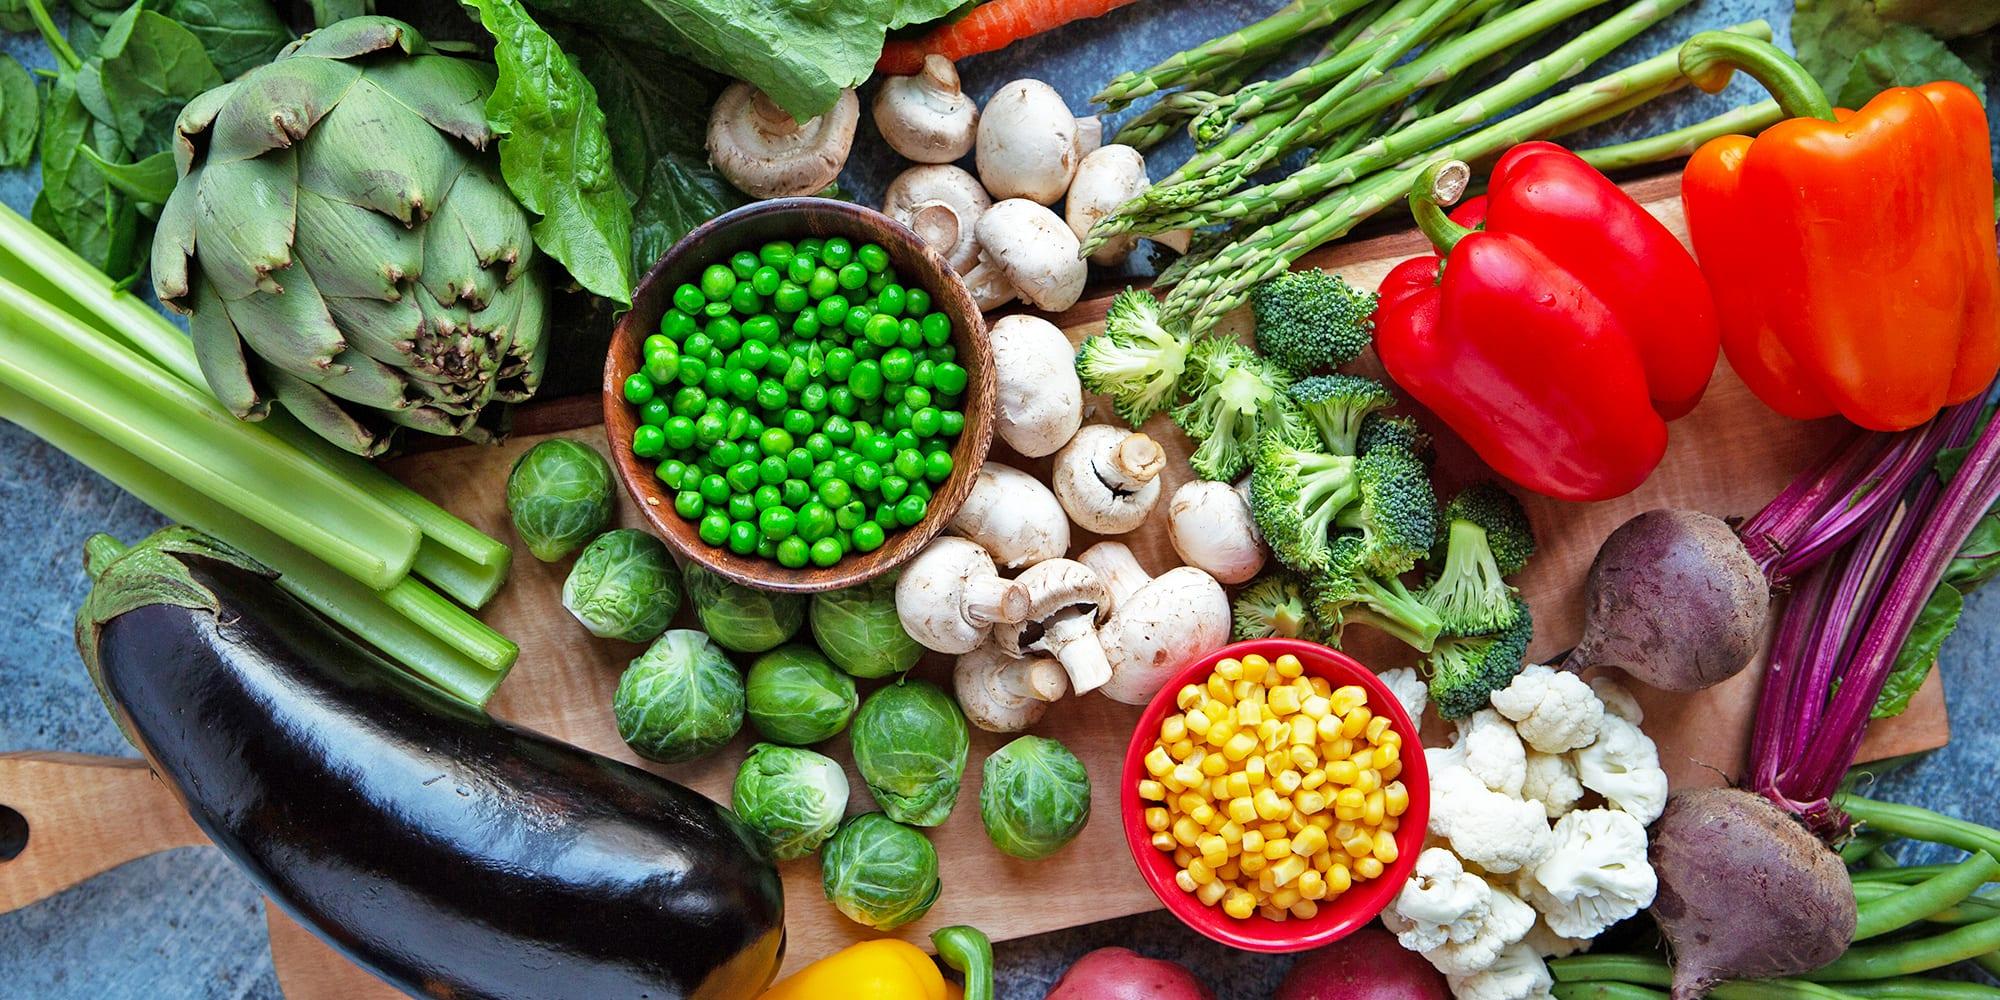 السعرات الحرارية في الخضروات